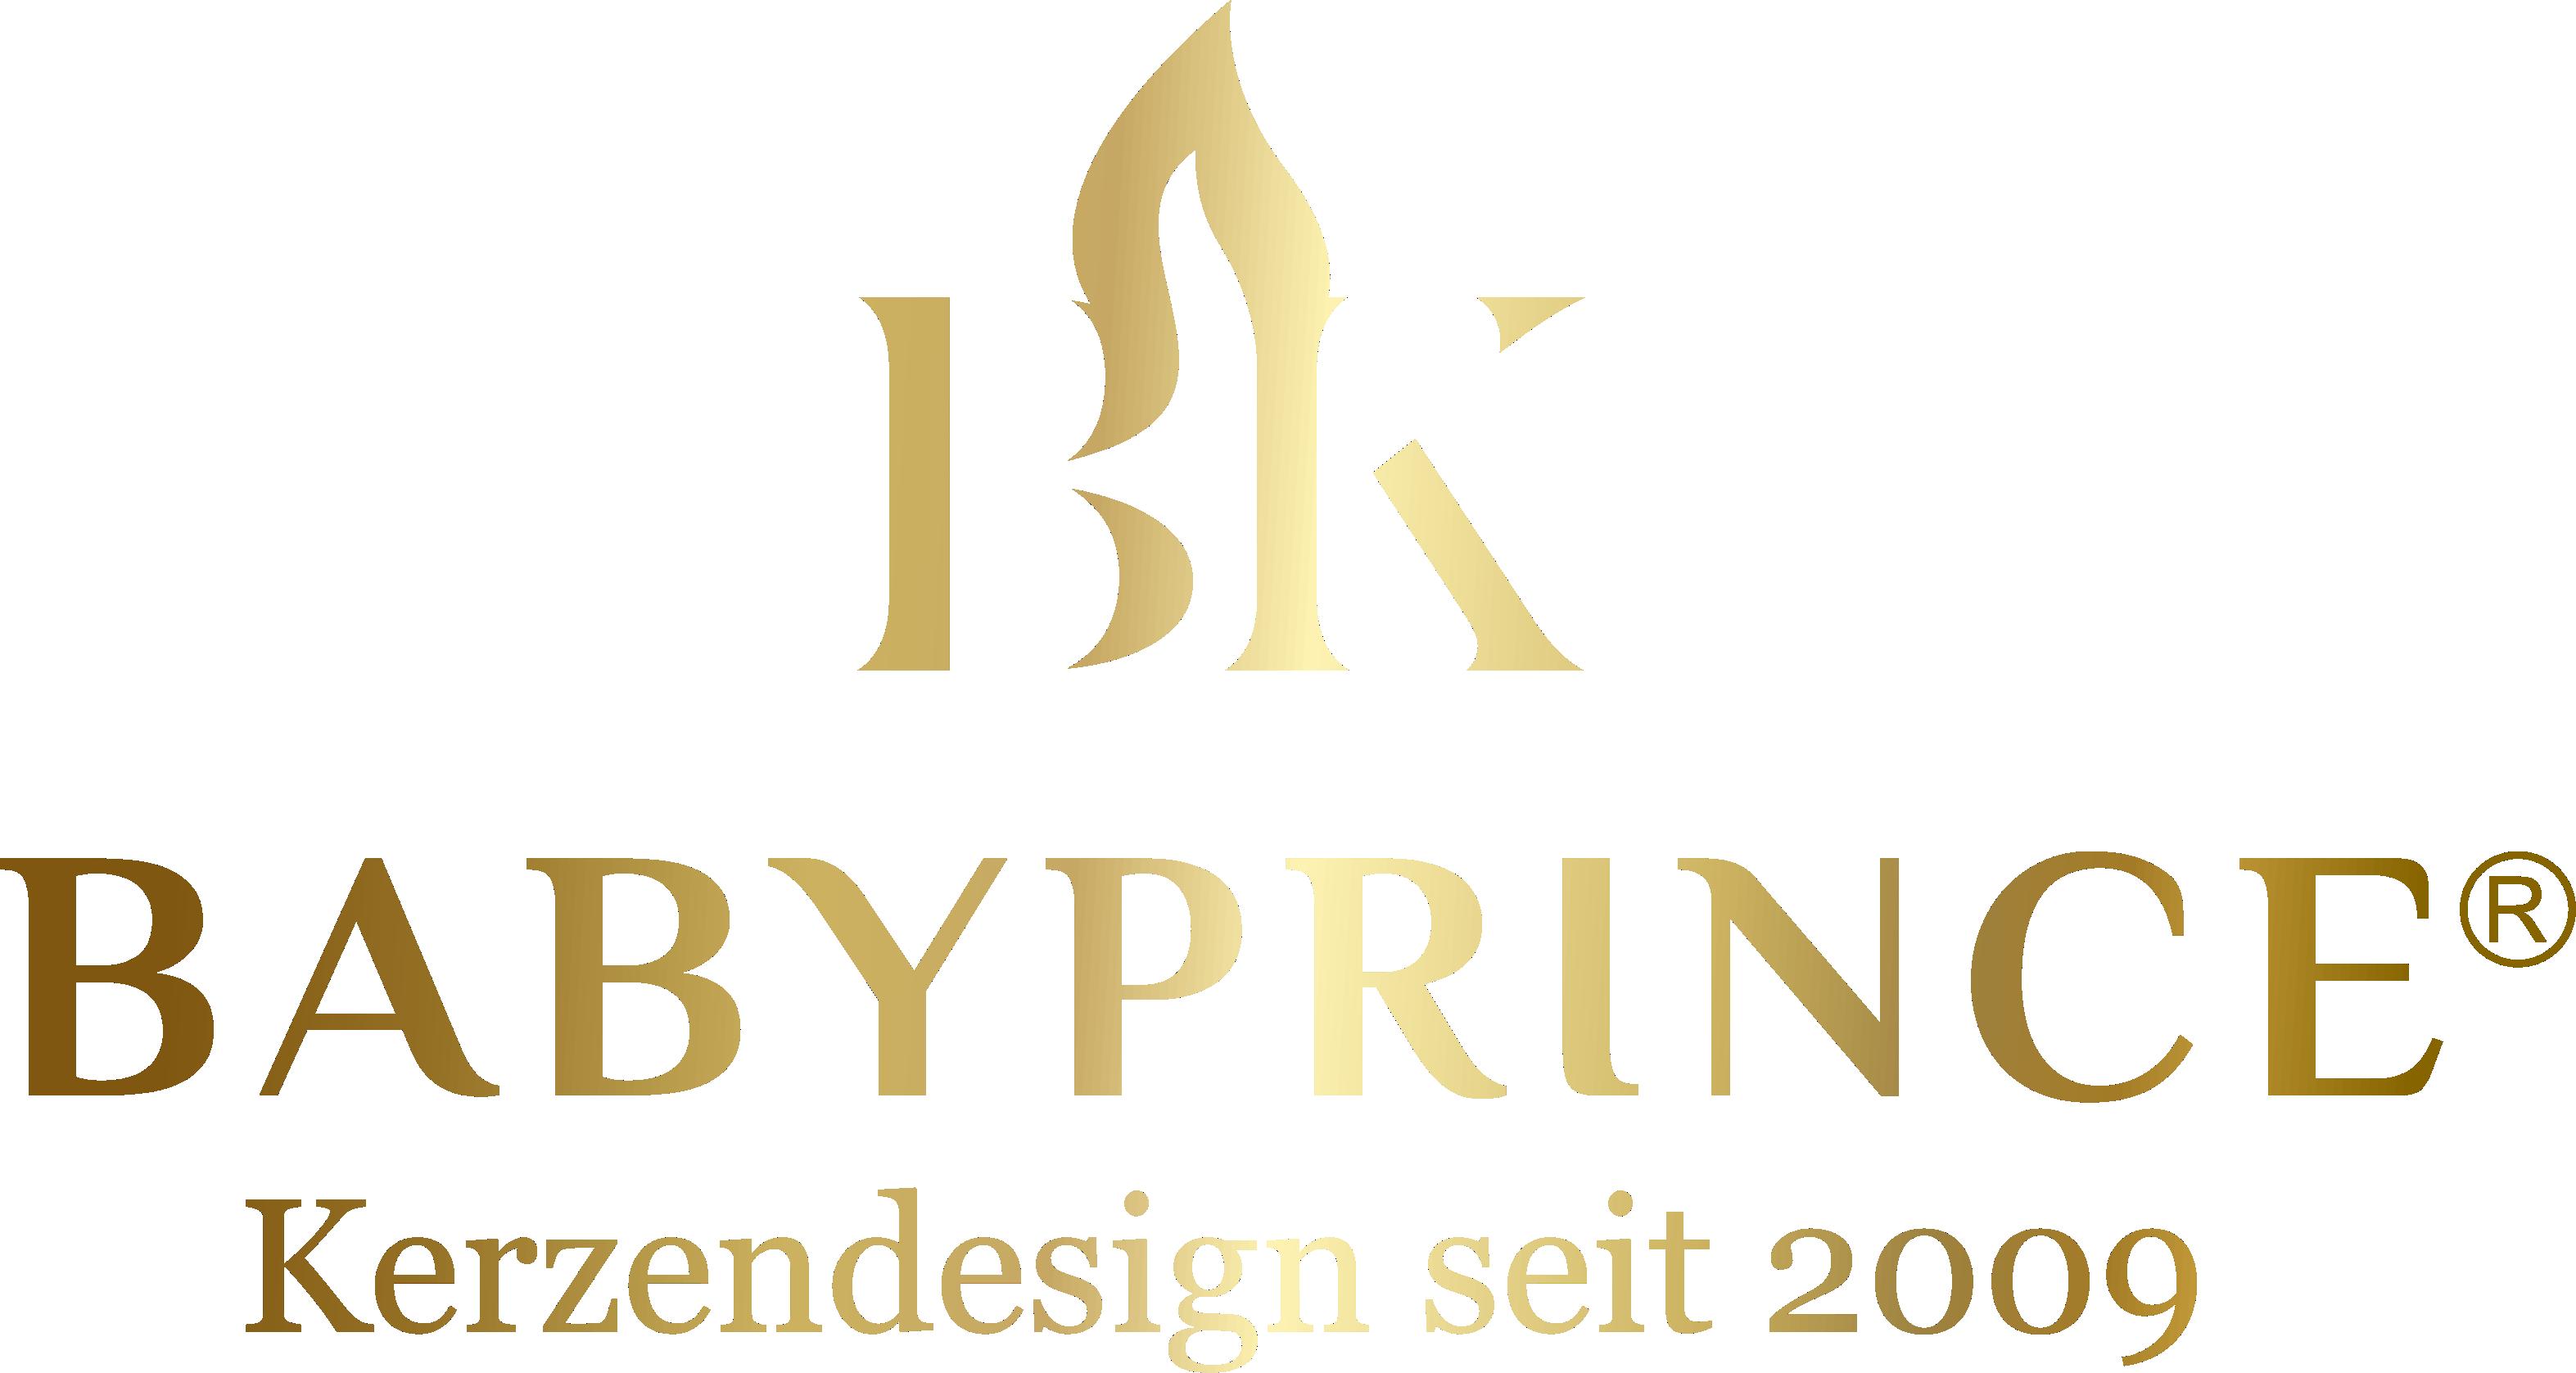 www.babyprince.de-Logo